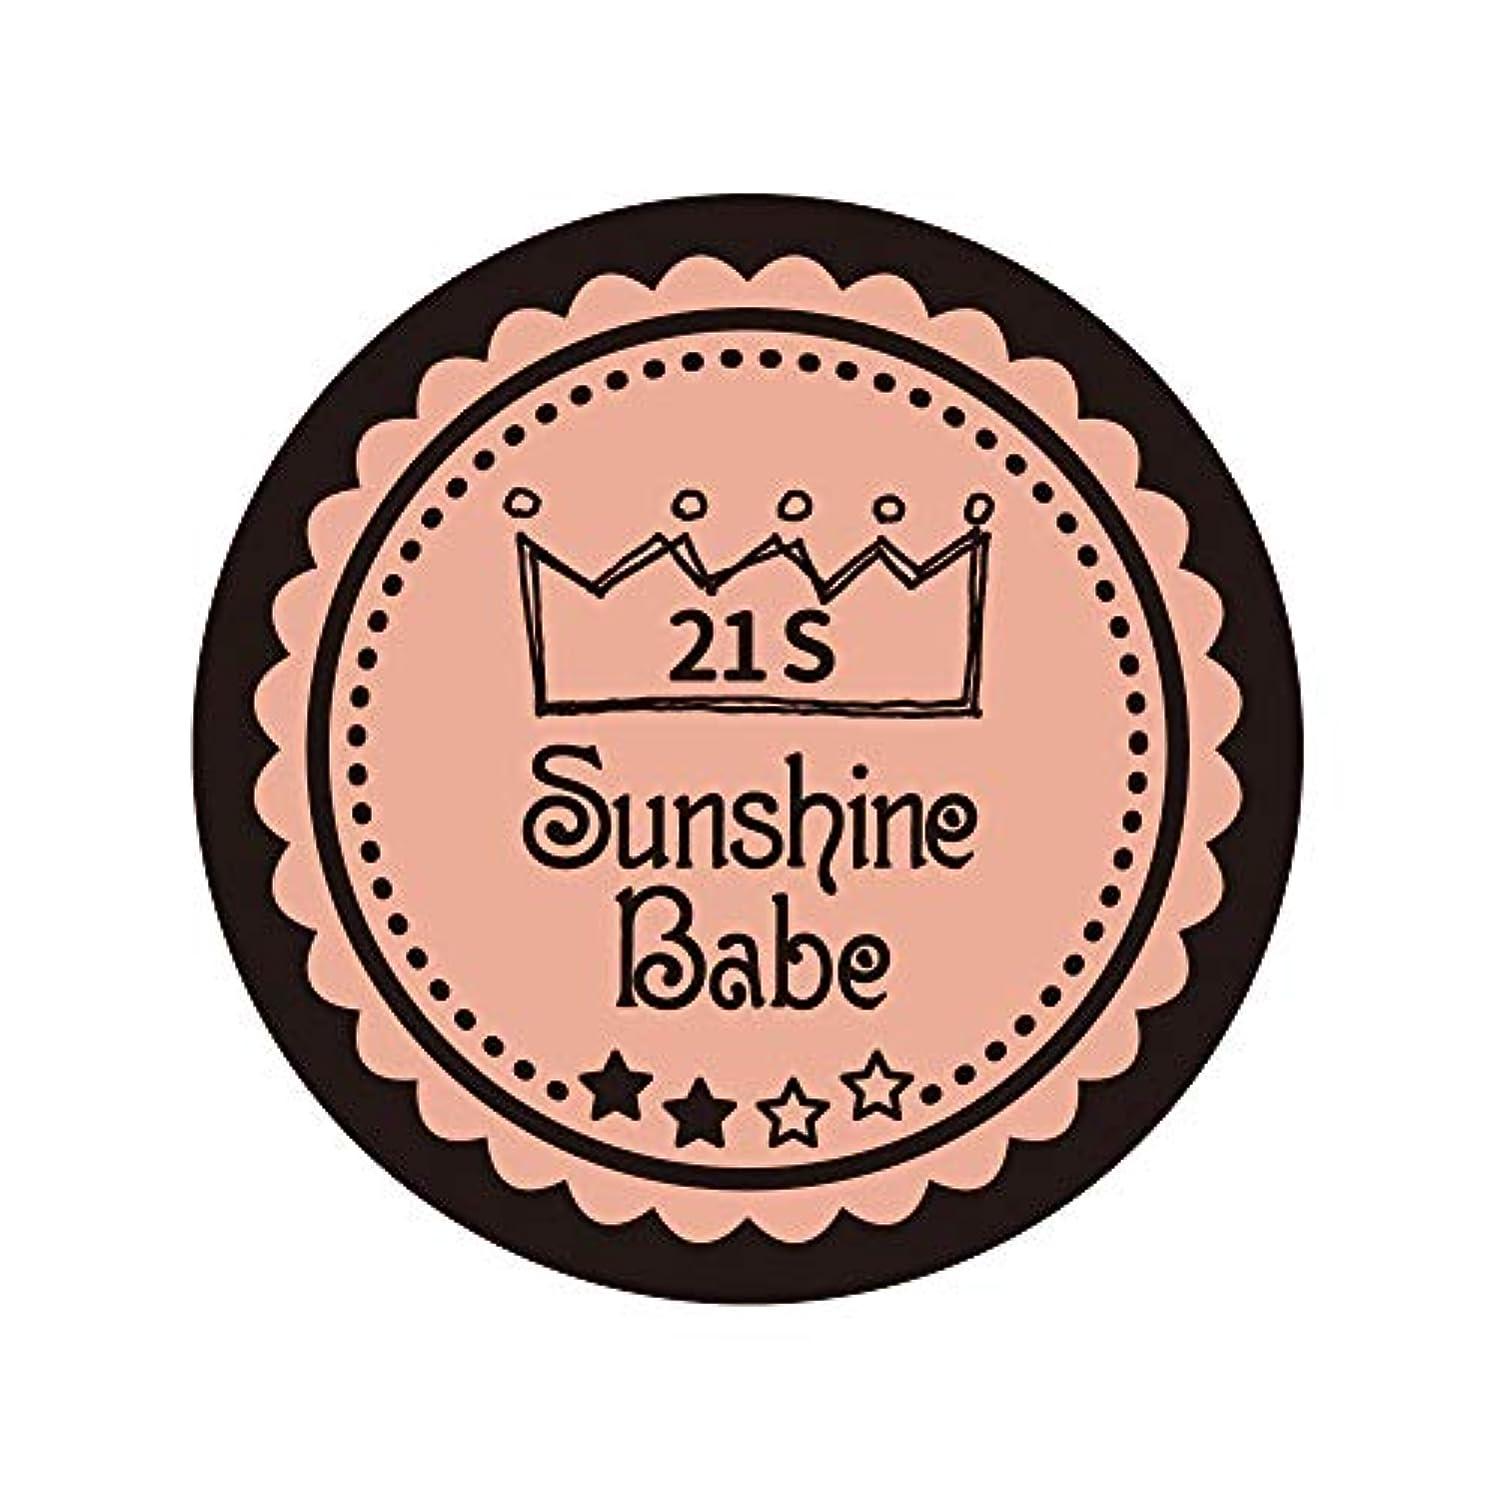 機知に富んだ多年生バケツSunshine Babe カラージェル 21S アロンピンク 2.7g UV/LED対応